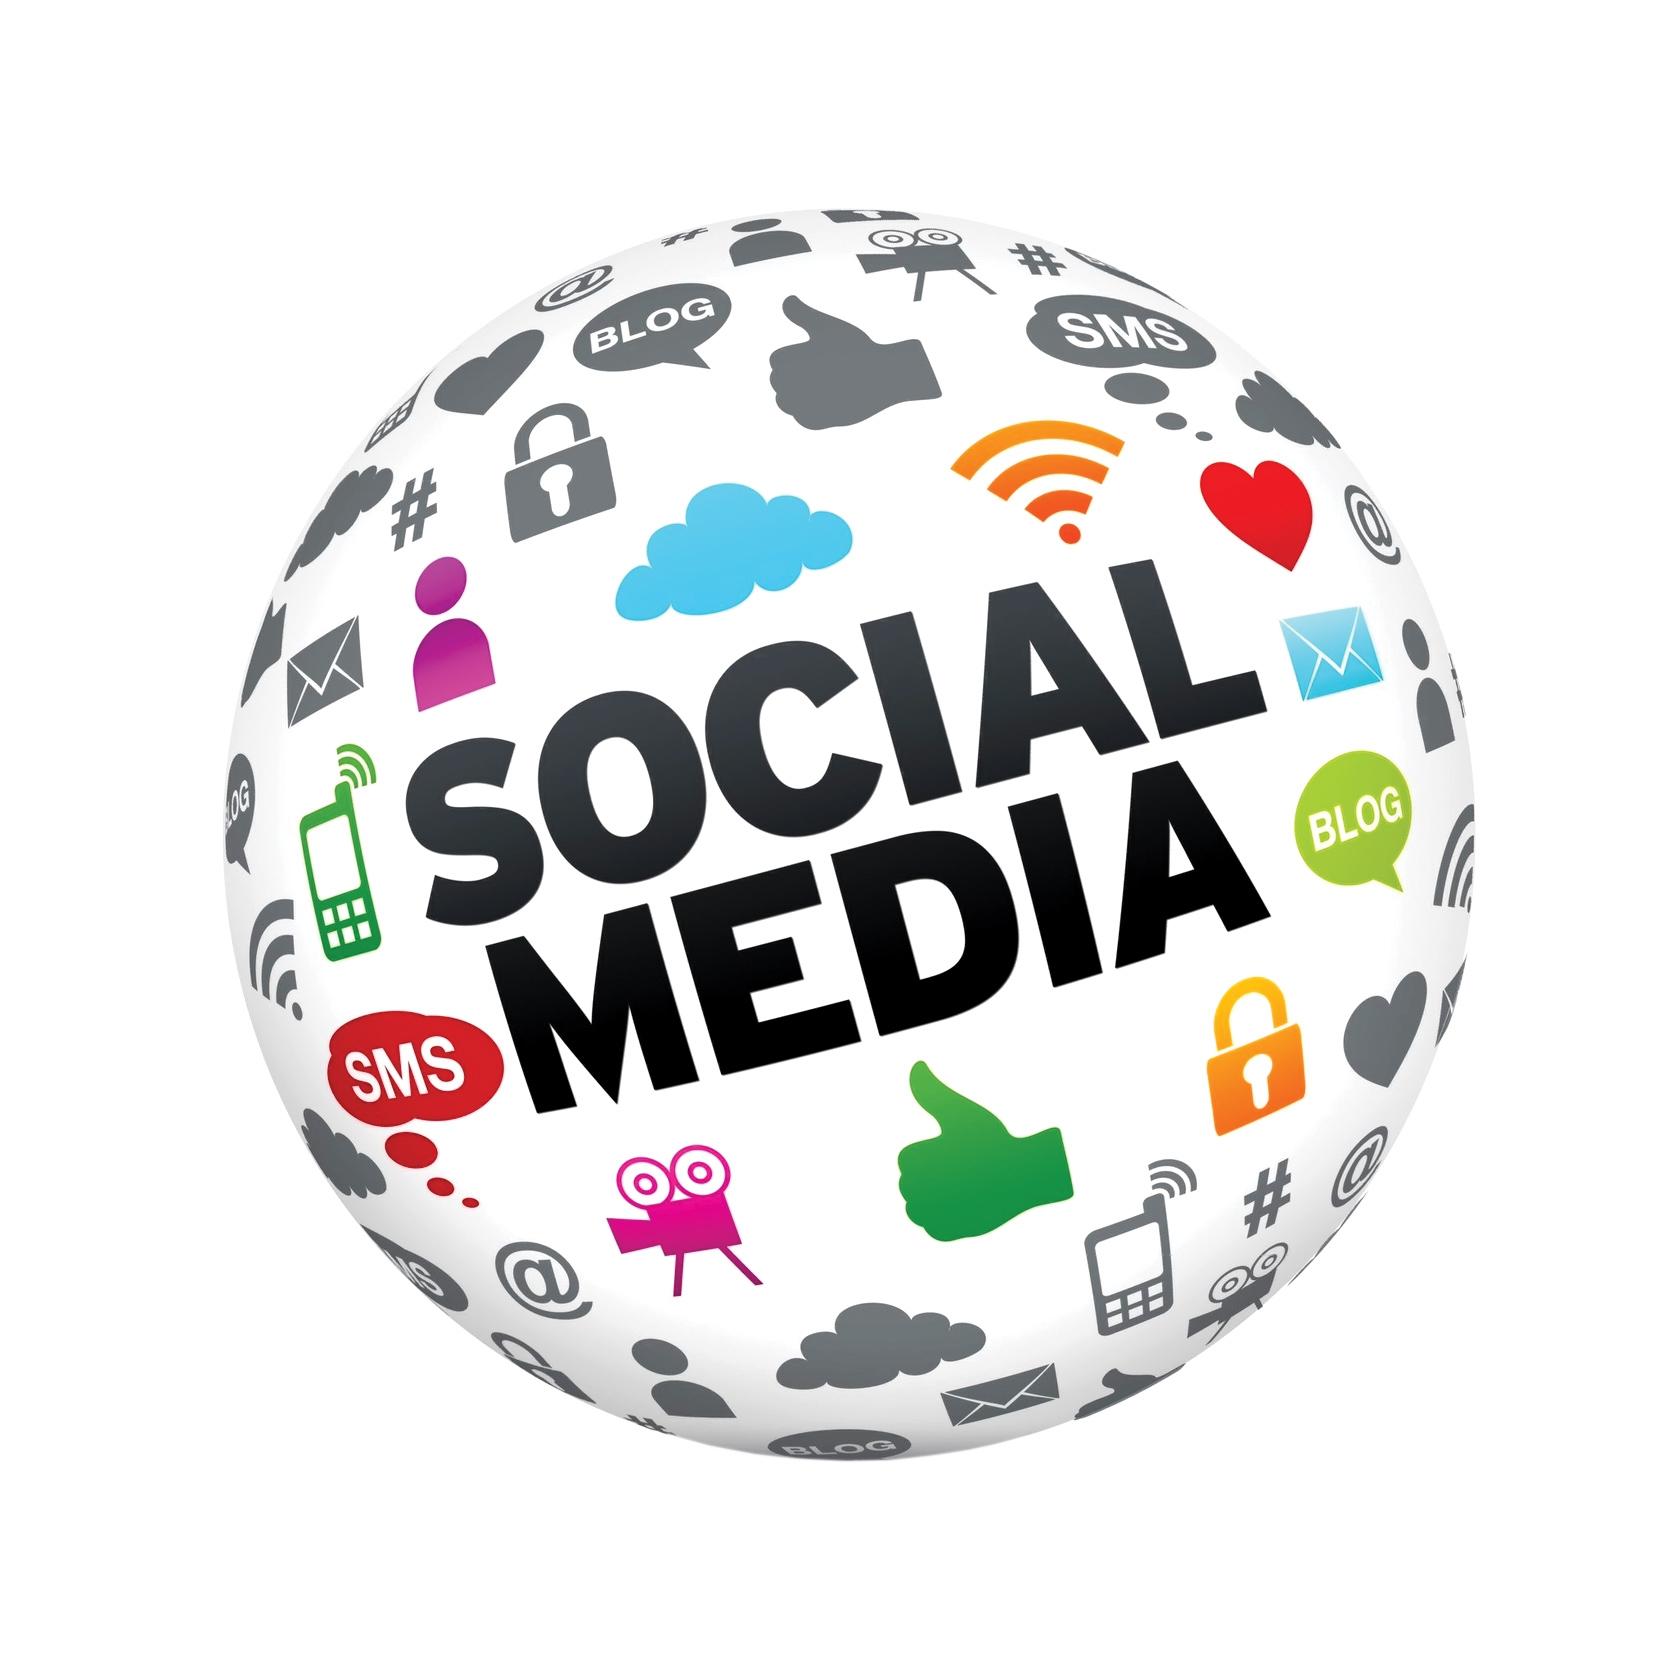 ملاحظات ورود سازمانهای ایرانی به شبکههای اجتماعی مجازی